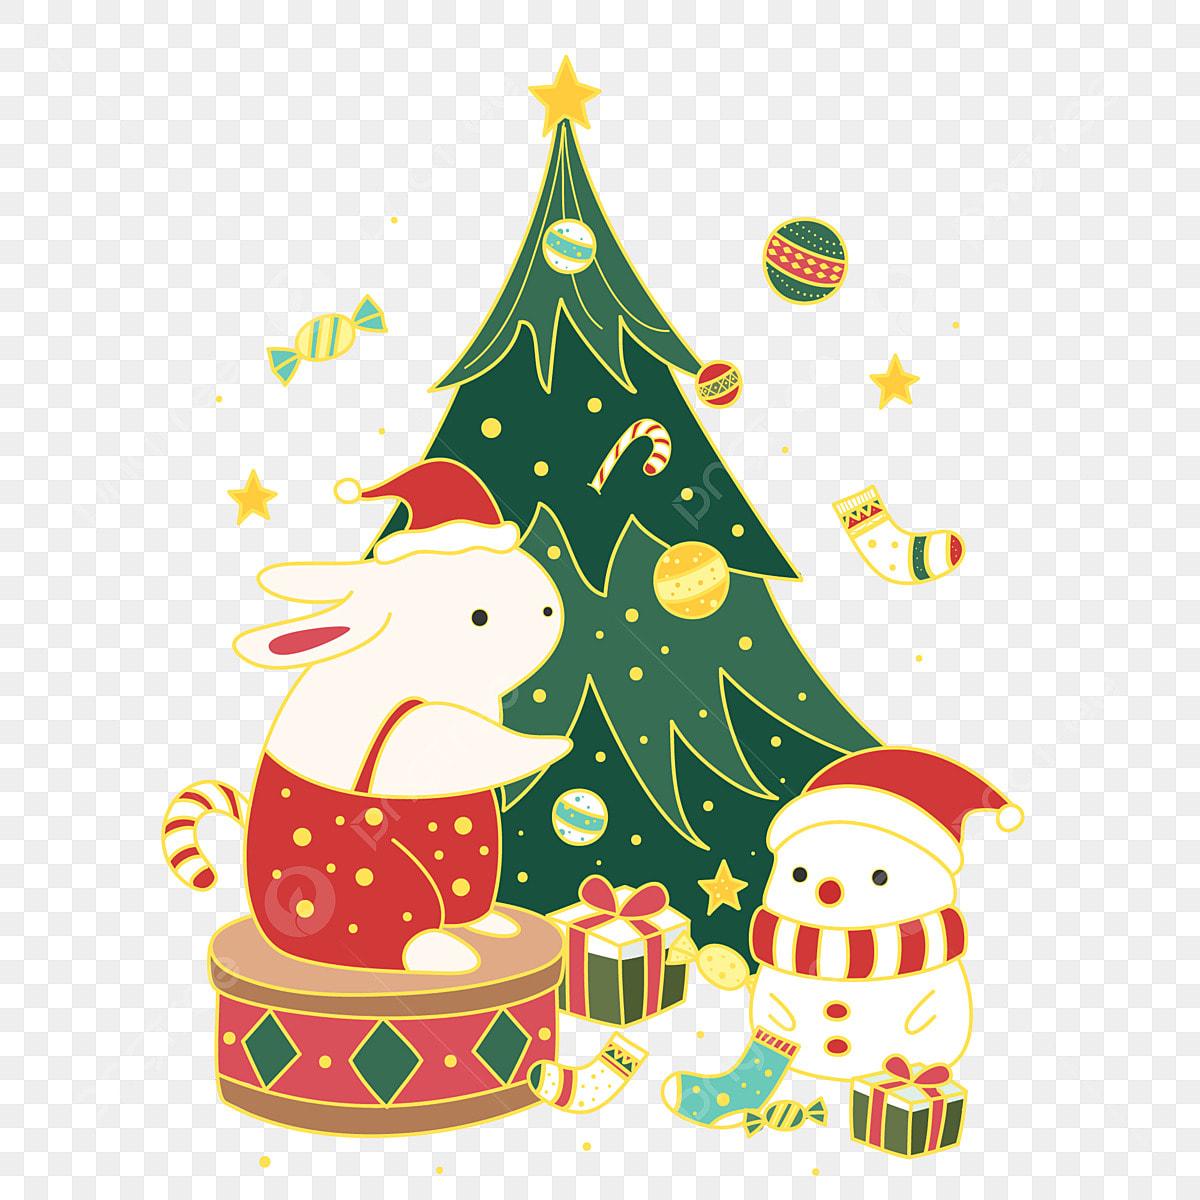 Mao Desenhada Elemento De Arvore Natal Dos Desenhos Animados